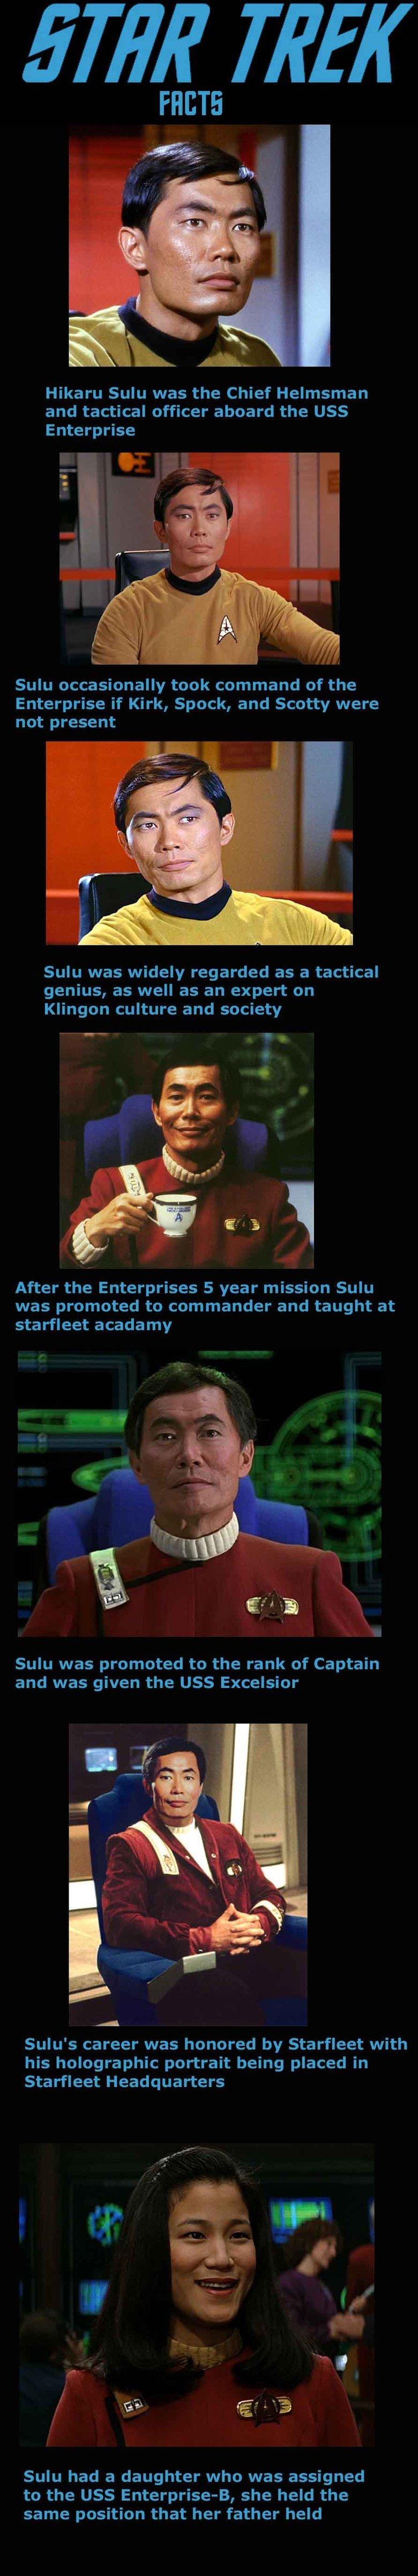 Star Trek Facts- Sulu. /Star+Trek+Facts-+Scotty/funny-pictur... Scotty /Star+Trek+Facts-+Bones/funny-picture... Bones /Star+Trek+Facts-+Spock/funny-picture... S Star Trek Facts- Sulu /Star+Trek+Facts-+Scotty/funny-pictur Scotty /Star+Trek+Facts-+Bones/funny-picture Bones /Star+Trek+Facts-+Spock/funny-picture S